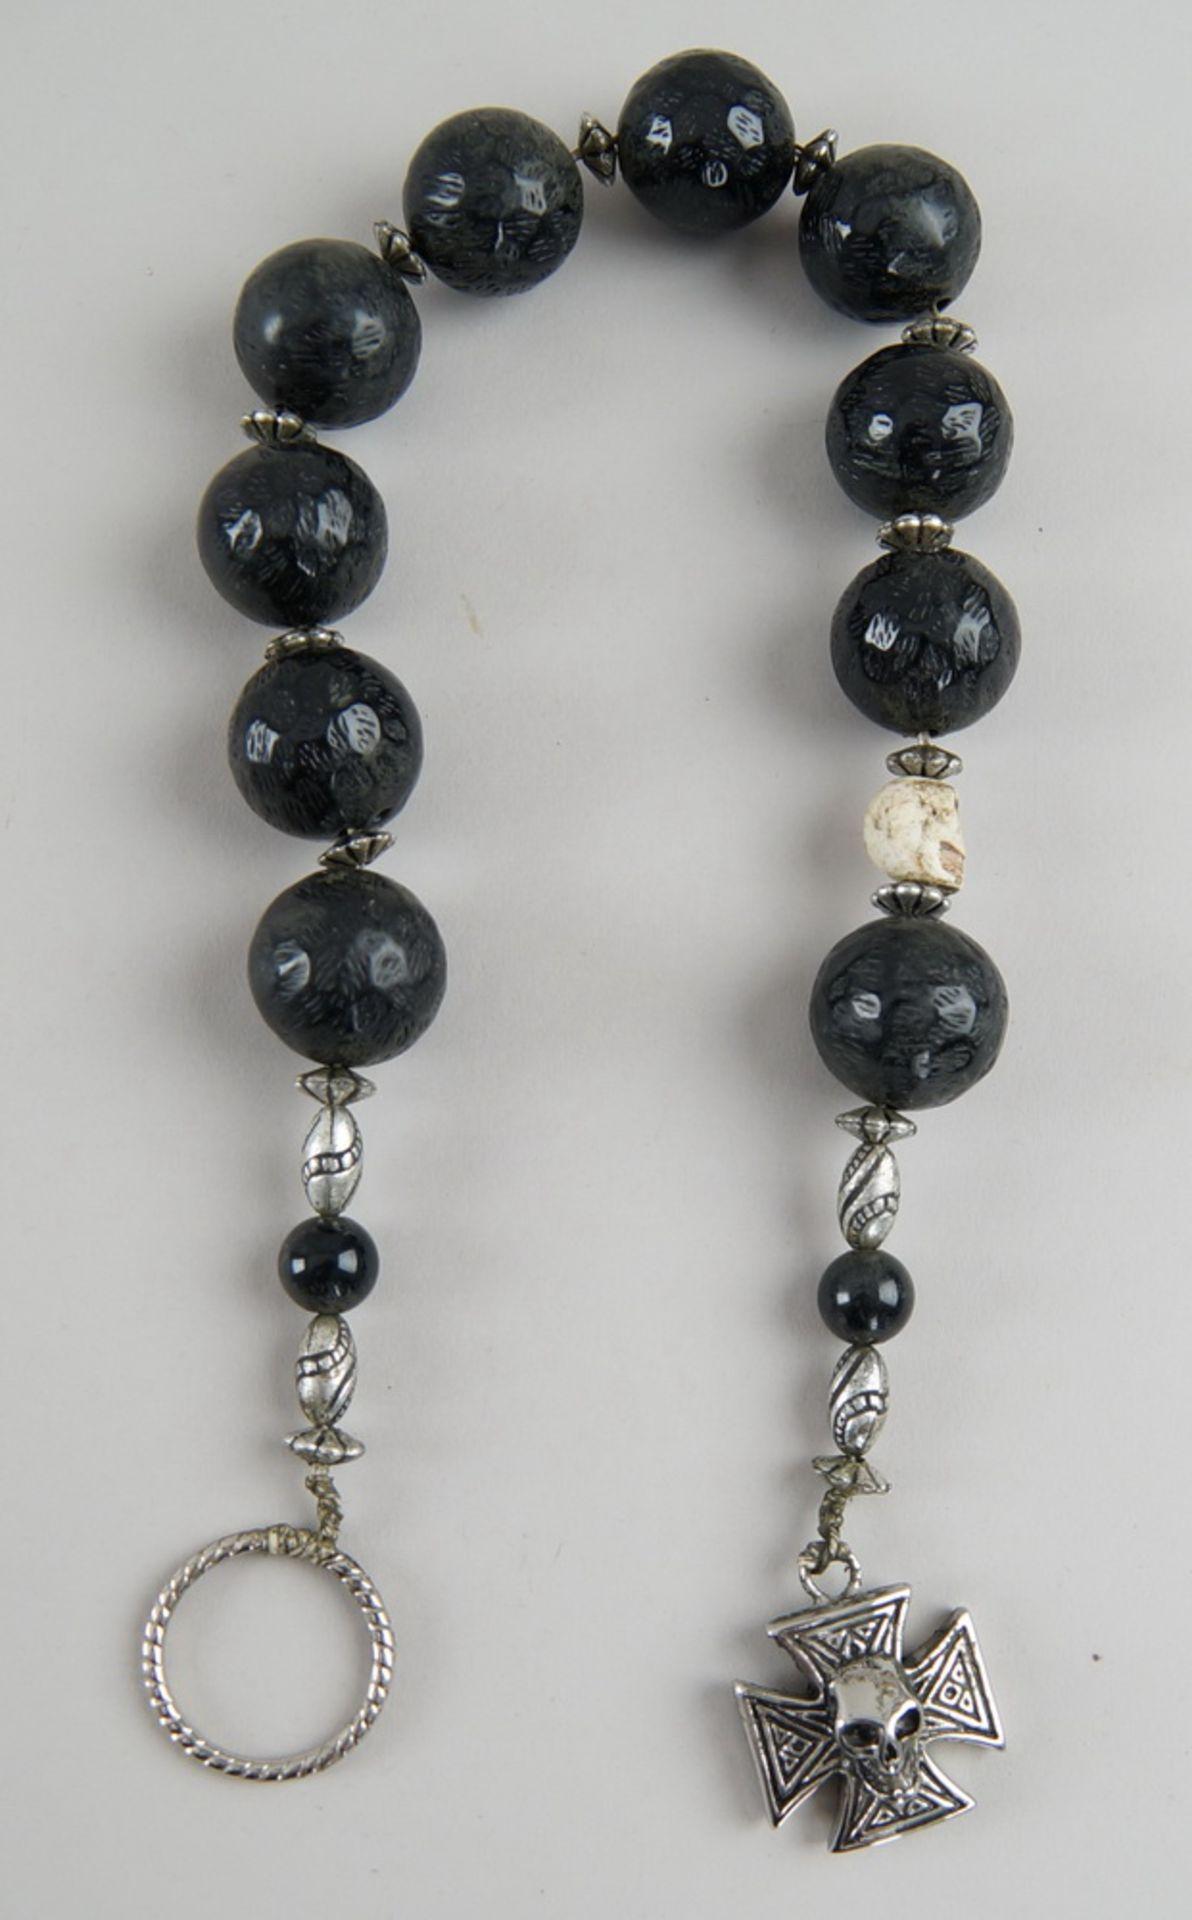 Faulenzer / Zehner Gebetskette mit Silberring und in Bein geschnitztem Totenkopf, kleinesKreuz mit - Bild 3 aus 4